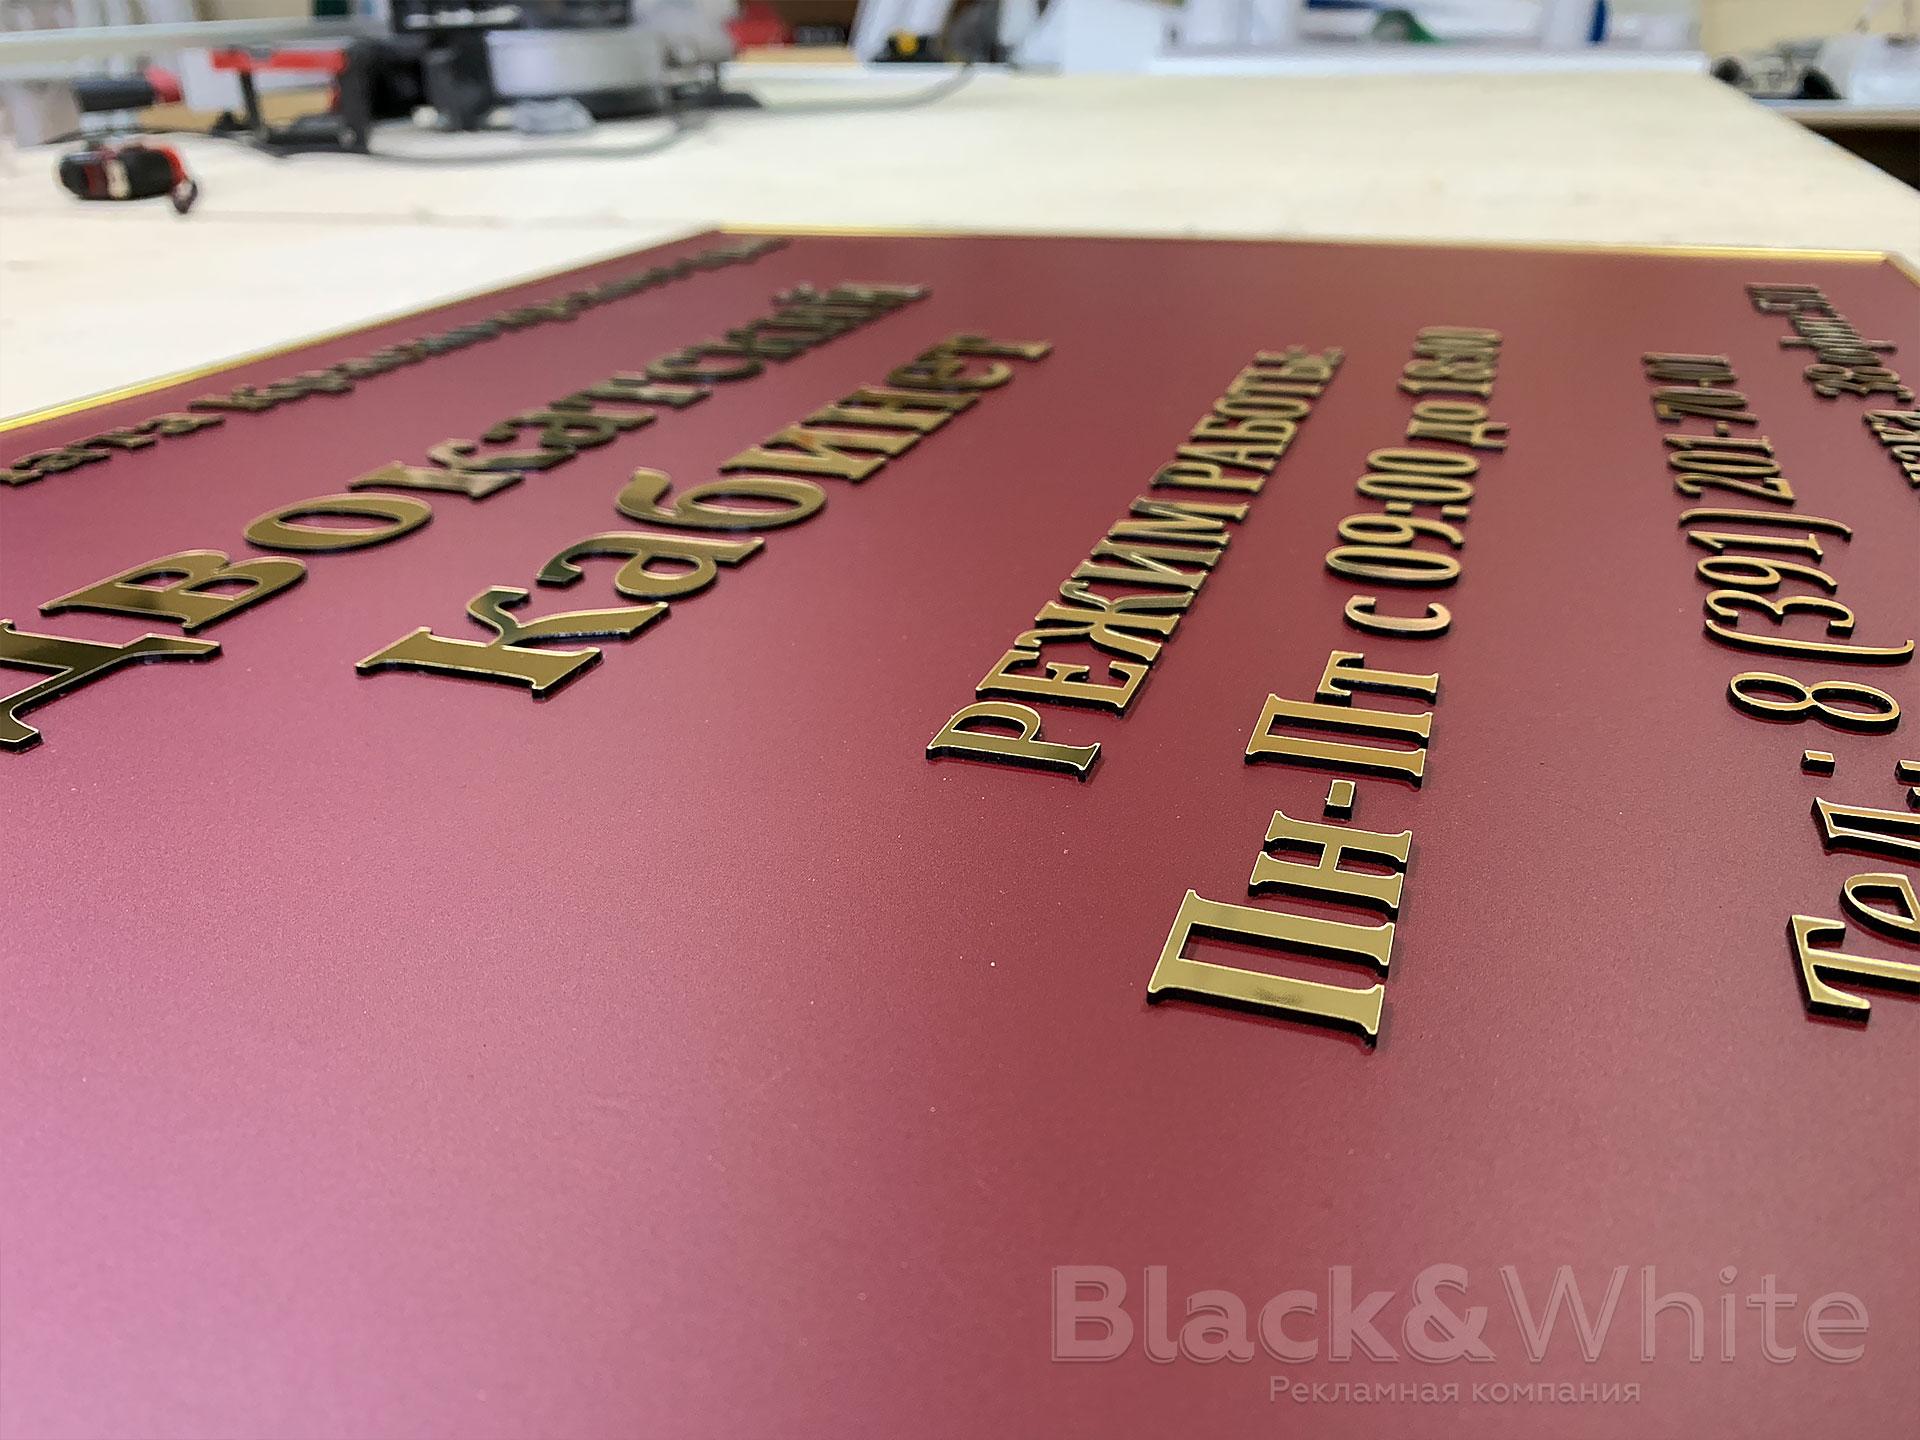 Фасадные-таблички-Компания-Black&White-красноярск-BW..jpg